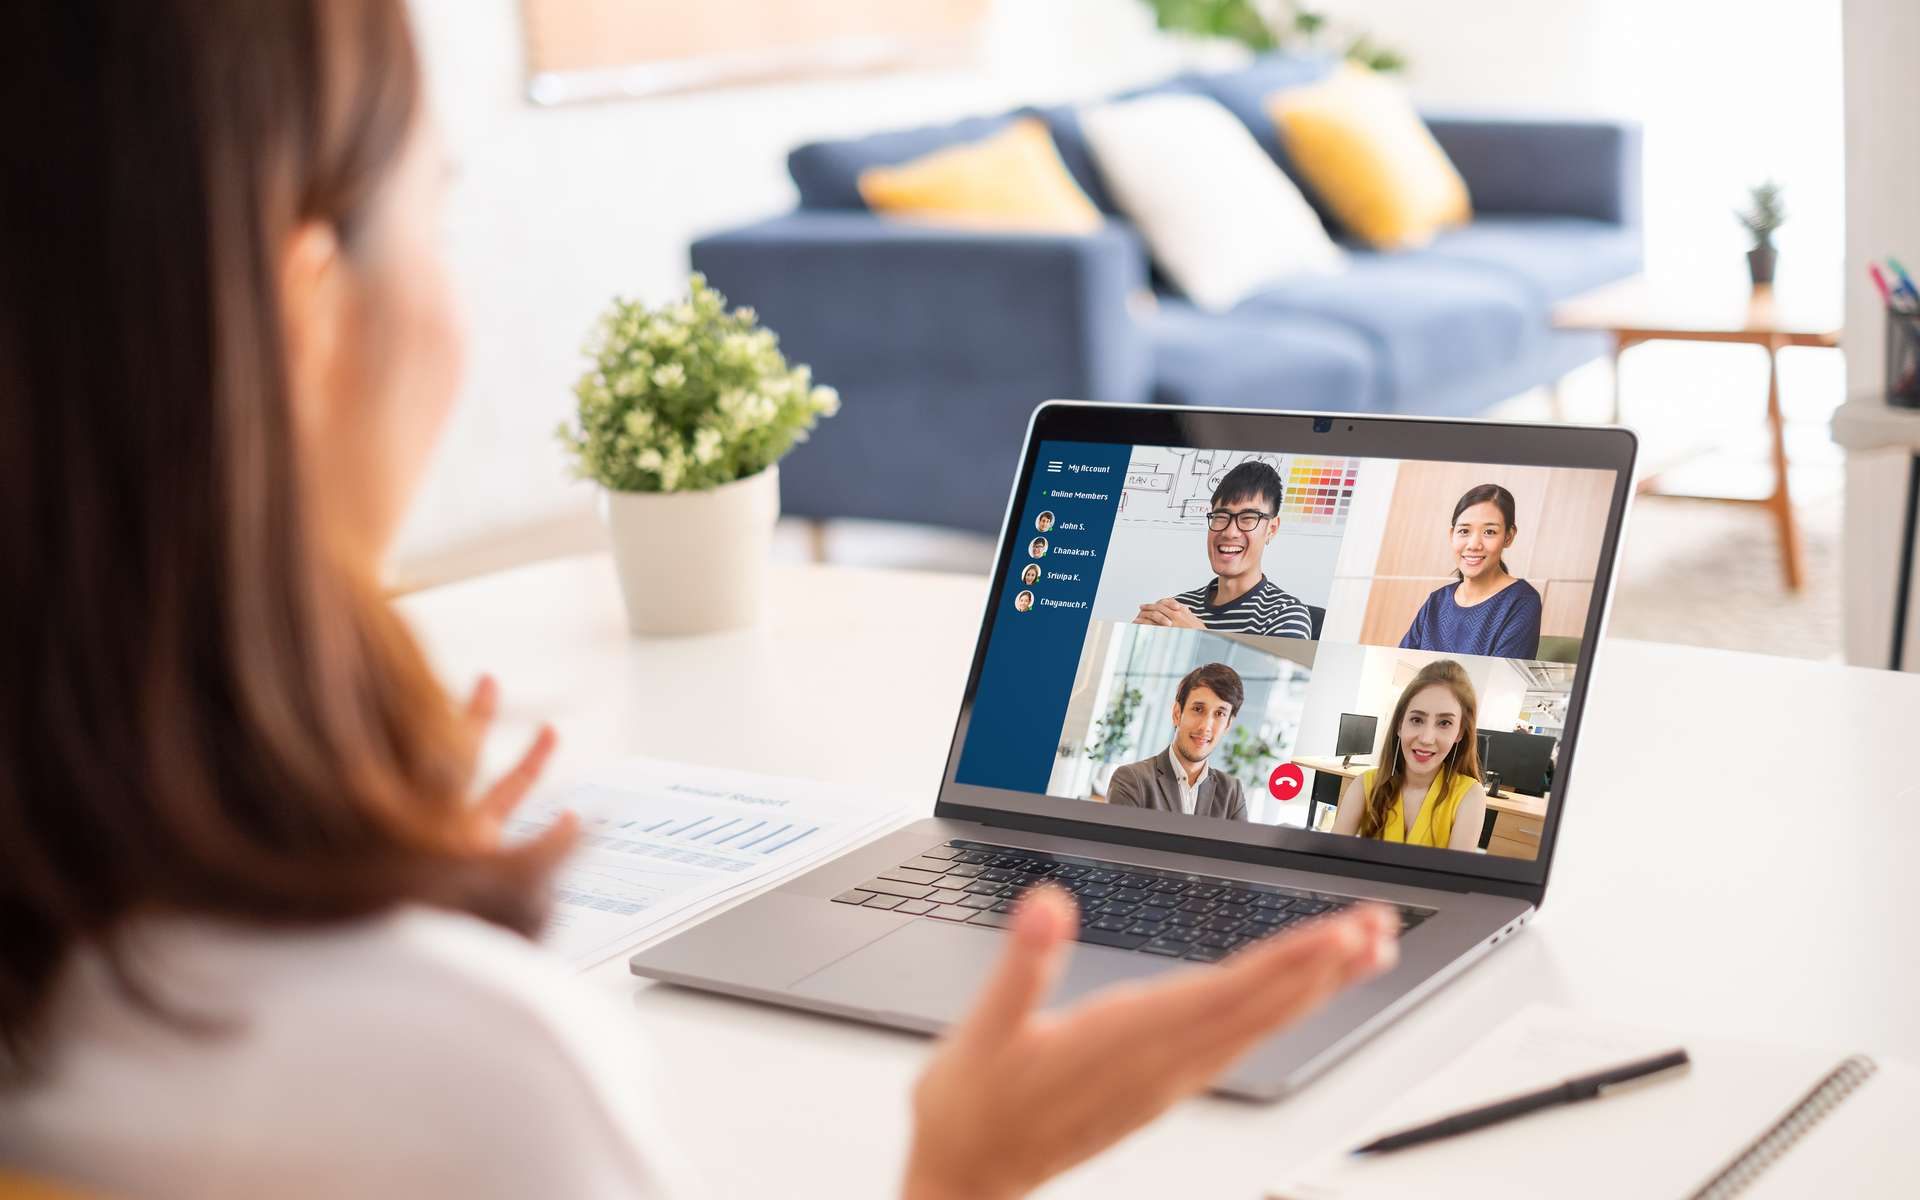 Télétravail : qu'est-ce que ça va changer pour les salariés et les entreprises ? © Nattakorn, Adobe Stock